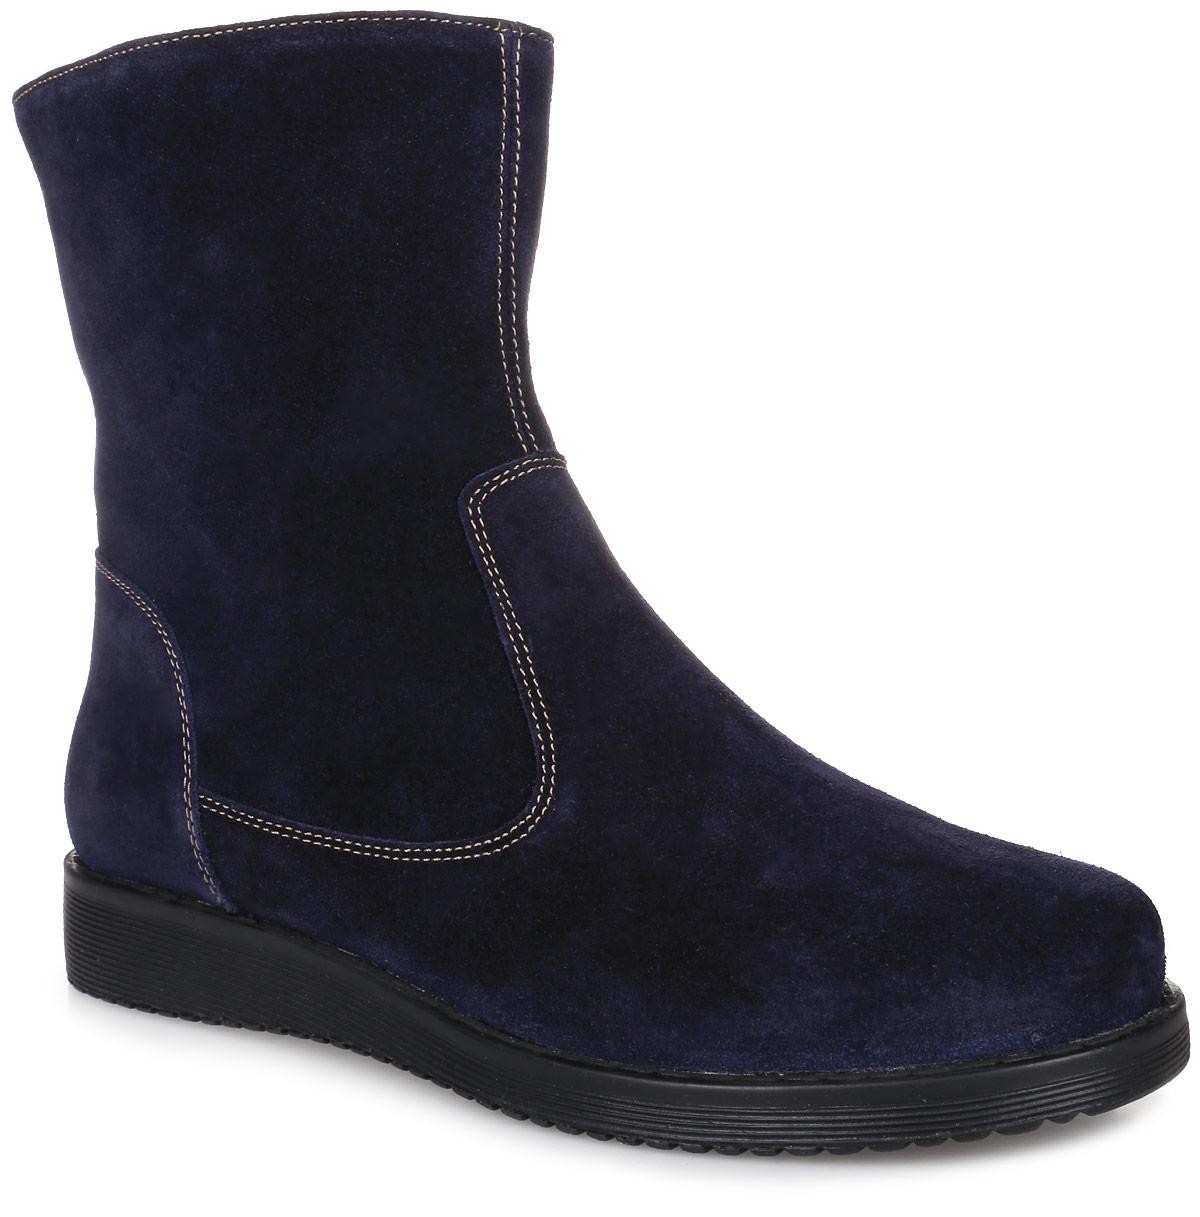 1SVT_VIBRA-20212-03_V.NAVYСтильные женские ботинки от Spur заинтересуют вас своим дизайном с первого взгляда. Модель изготовлена из качественного спилока и оформлена контрастной прострочкой. На ноге модель фиксируется с помощью удобной боковой застежки-молнии. Стелька и подкладка, изготовленные из искусственной шерсти, защитят ноги от холода и обеспечат комфорт. Подошва изготовлена из гибкой и прочной резины. Протекторы с рифлением гарантируют отличное сцепление с различными поверхностями.